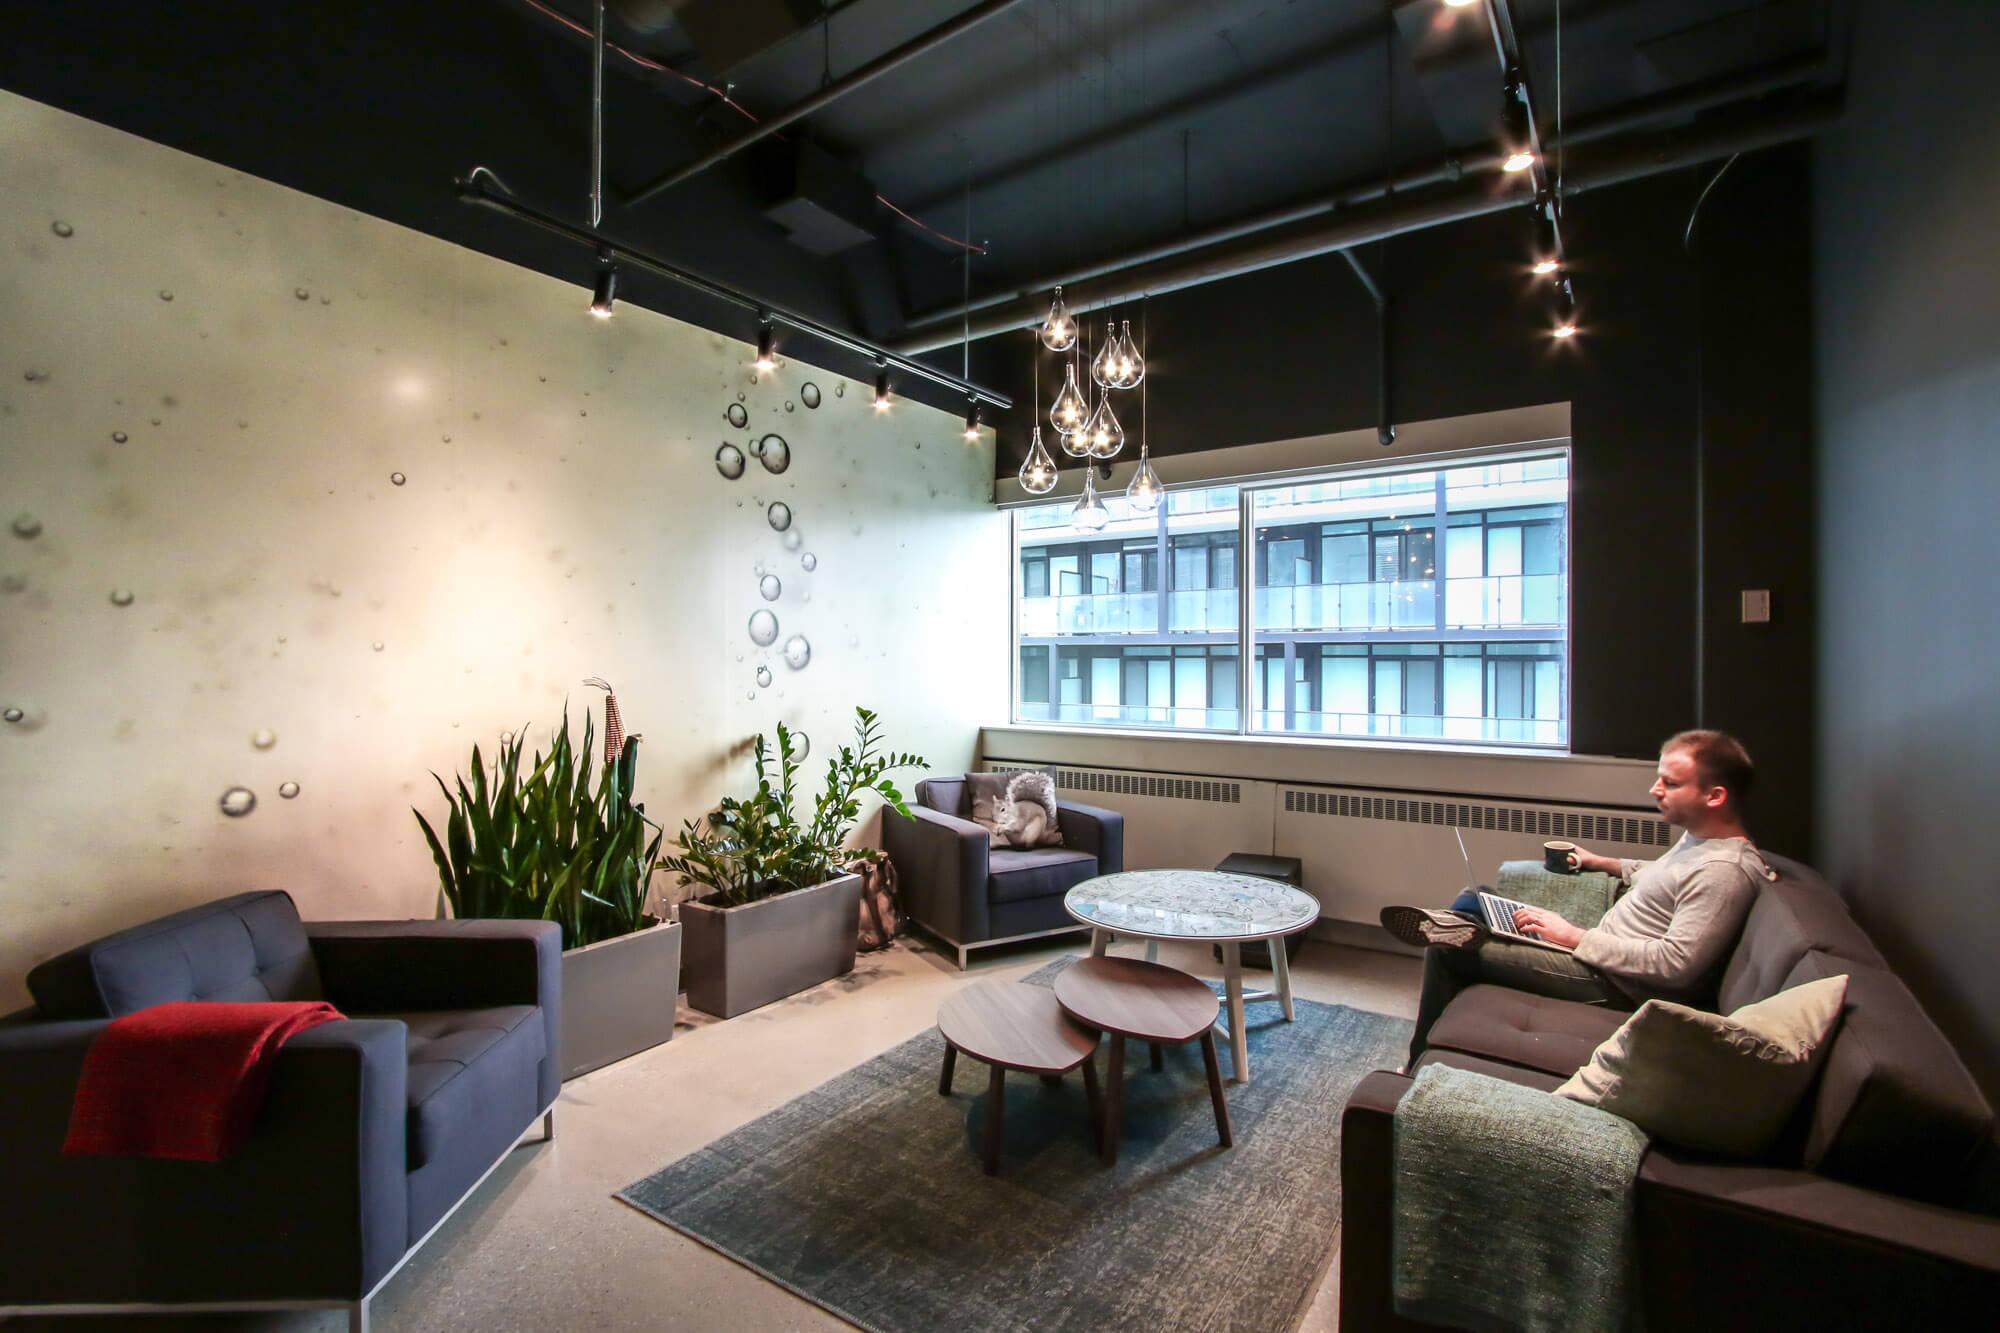 Varagesale Office Killer Spaces-6